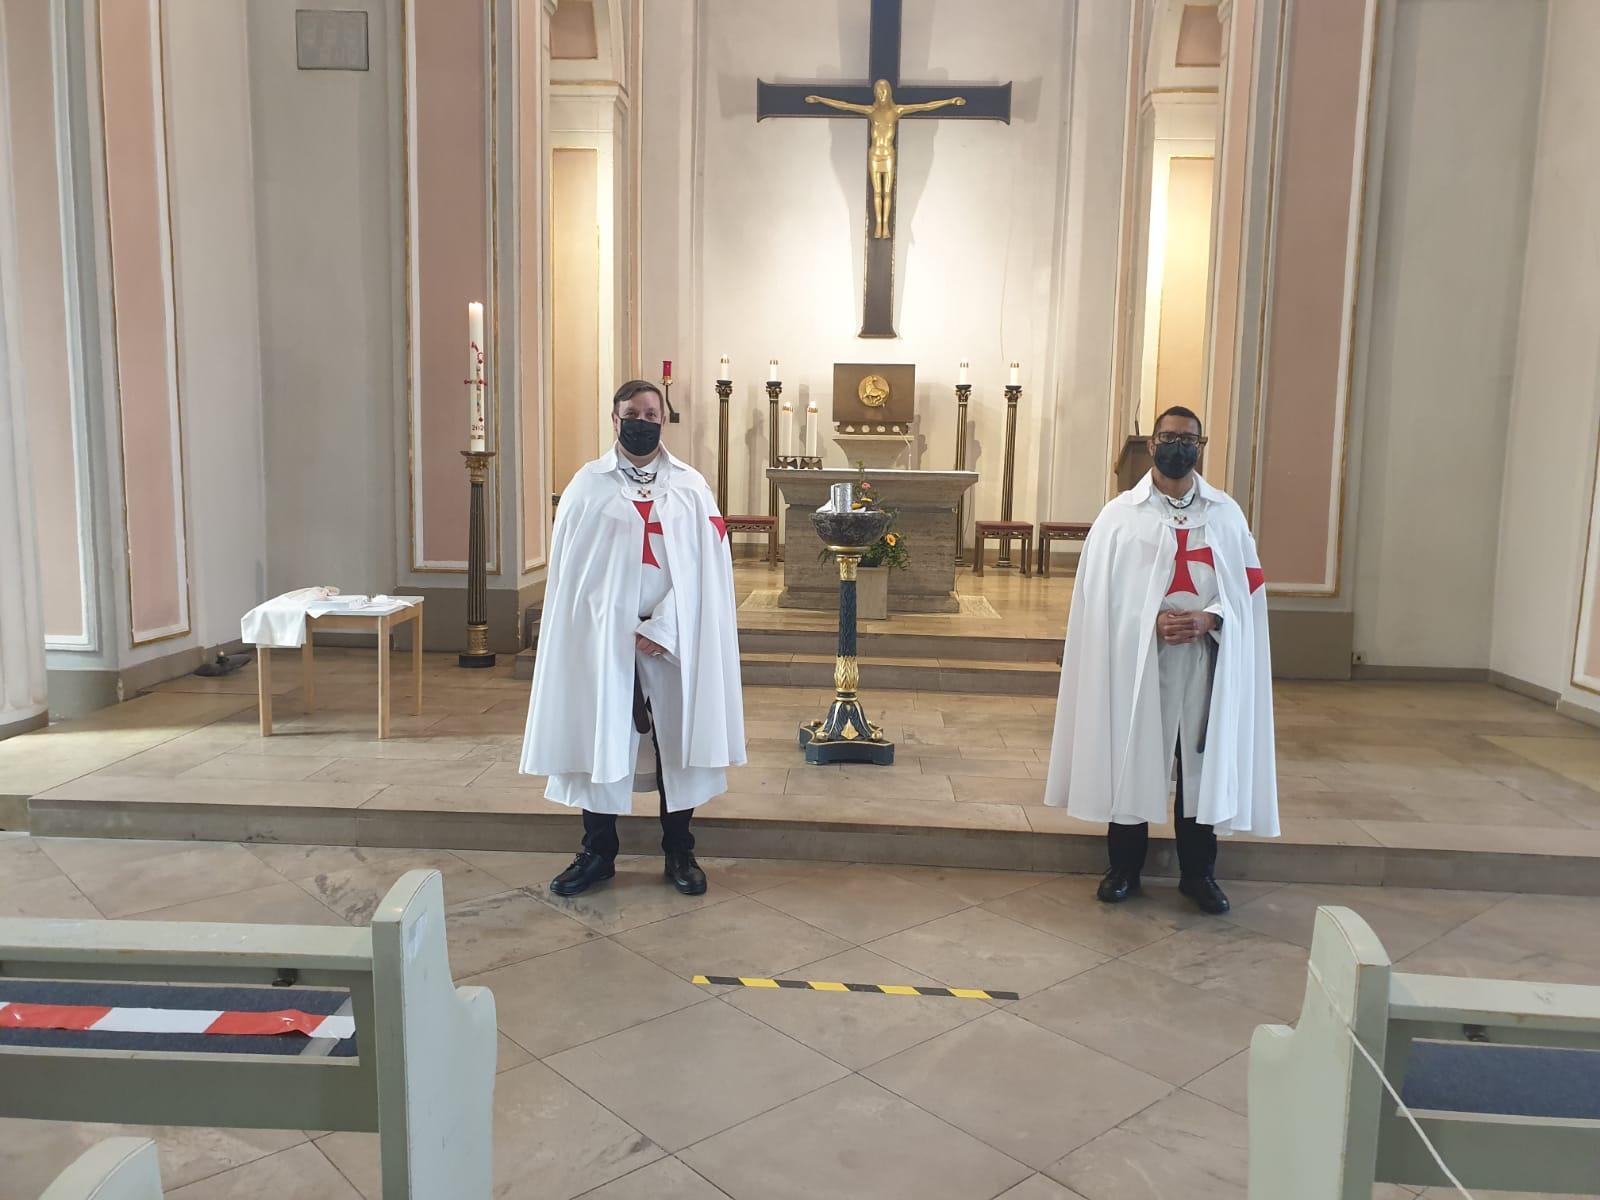 Teilnahme an der Heiligen Messe – St. Ludwigs Kirche – Celle (Niedersachsen – Deutschland) 01.08.2021